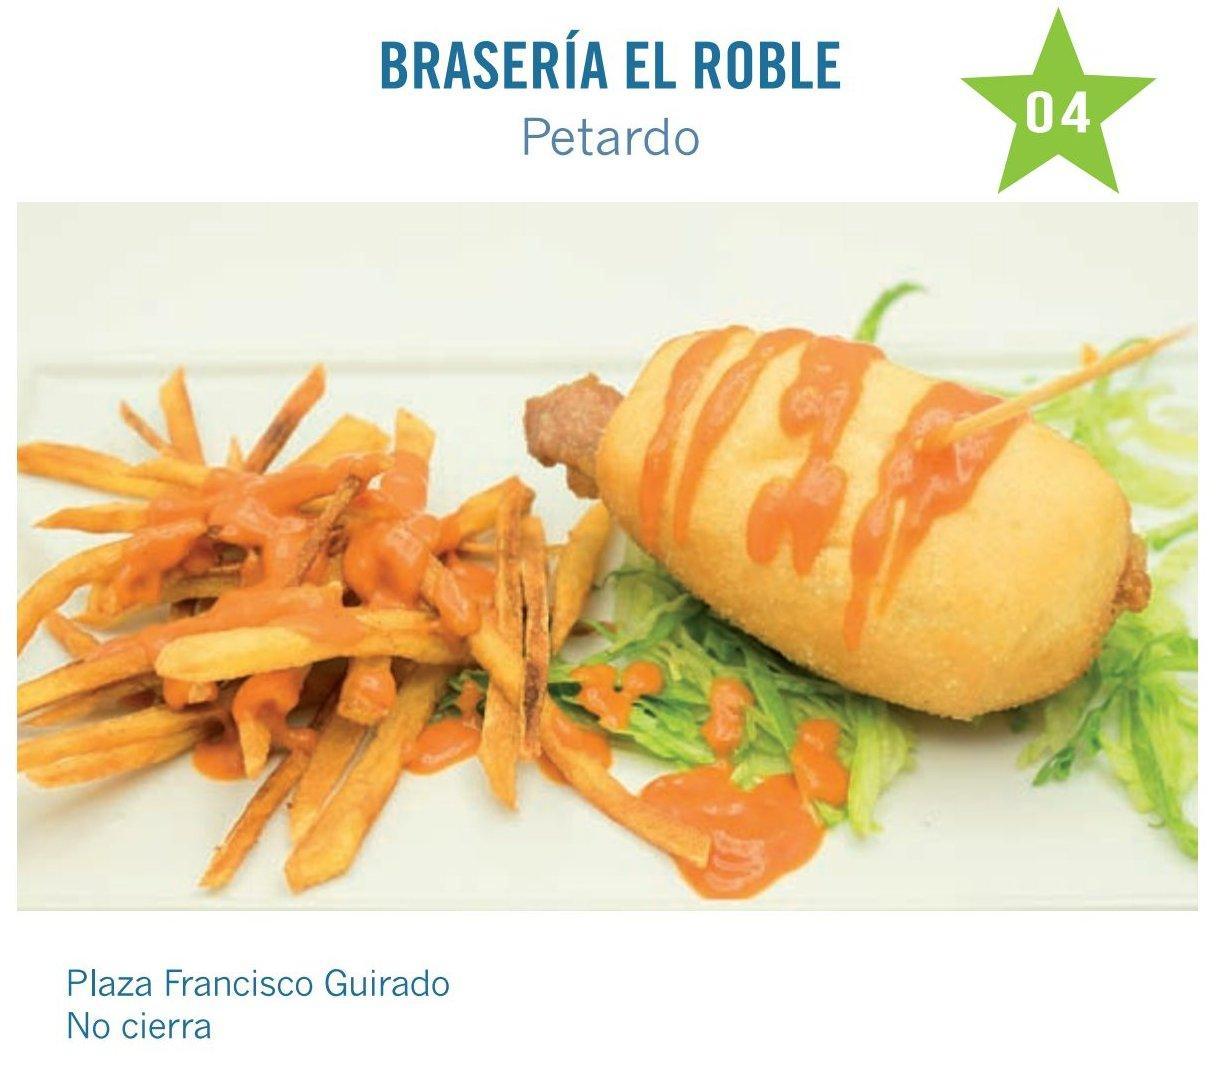 tapa de Restaurante Bar El Roble Brasería para molina tapas 2017